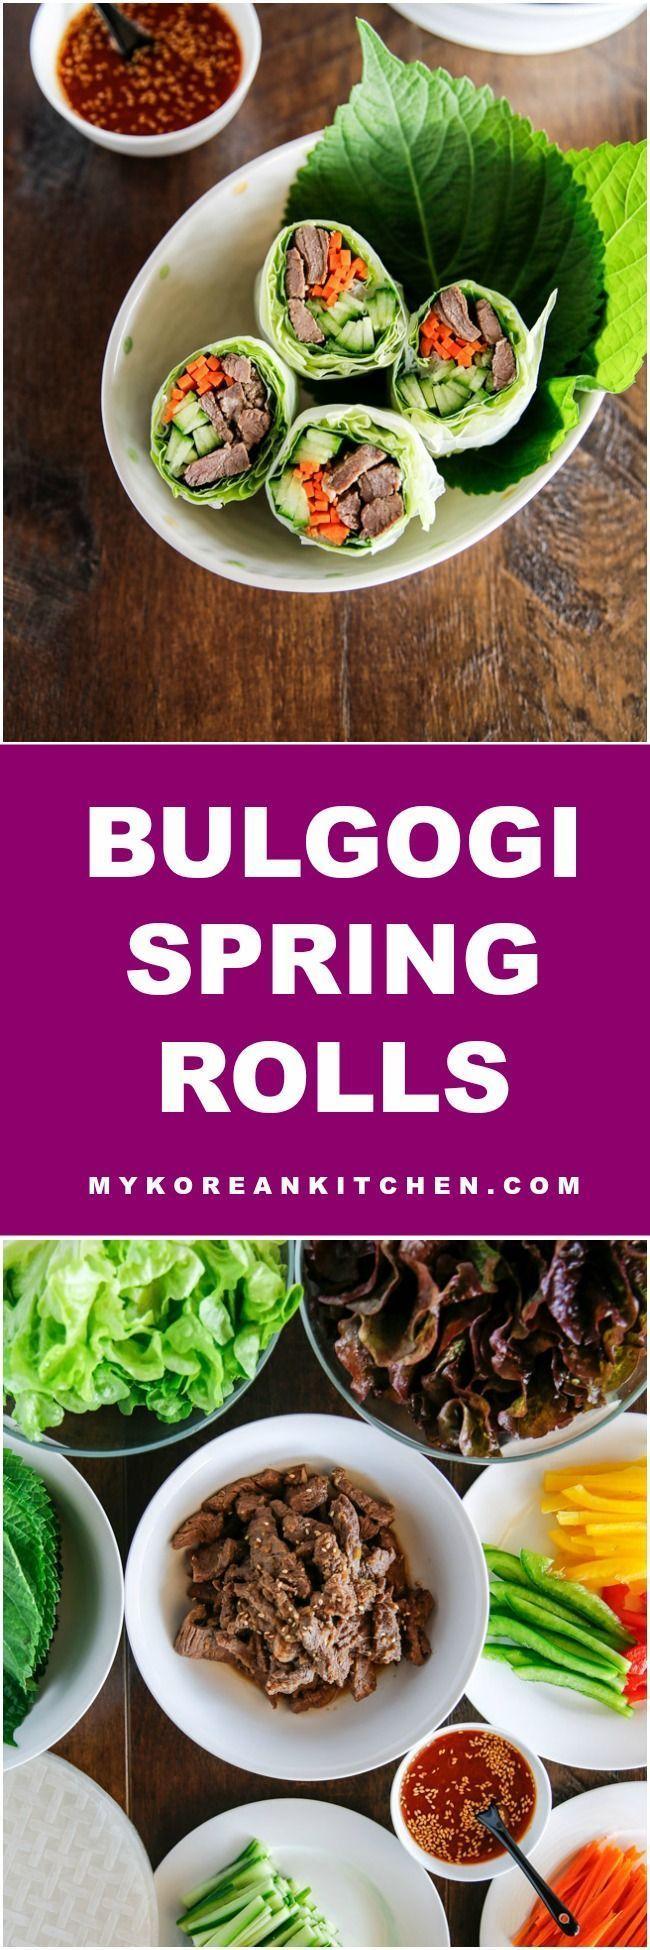 Bulgogi Spring Rolls with Sweet Ssamjang Sauce | Recipe ...